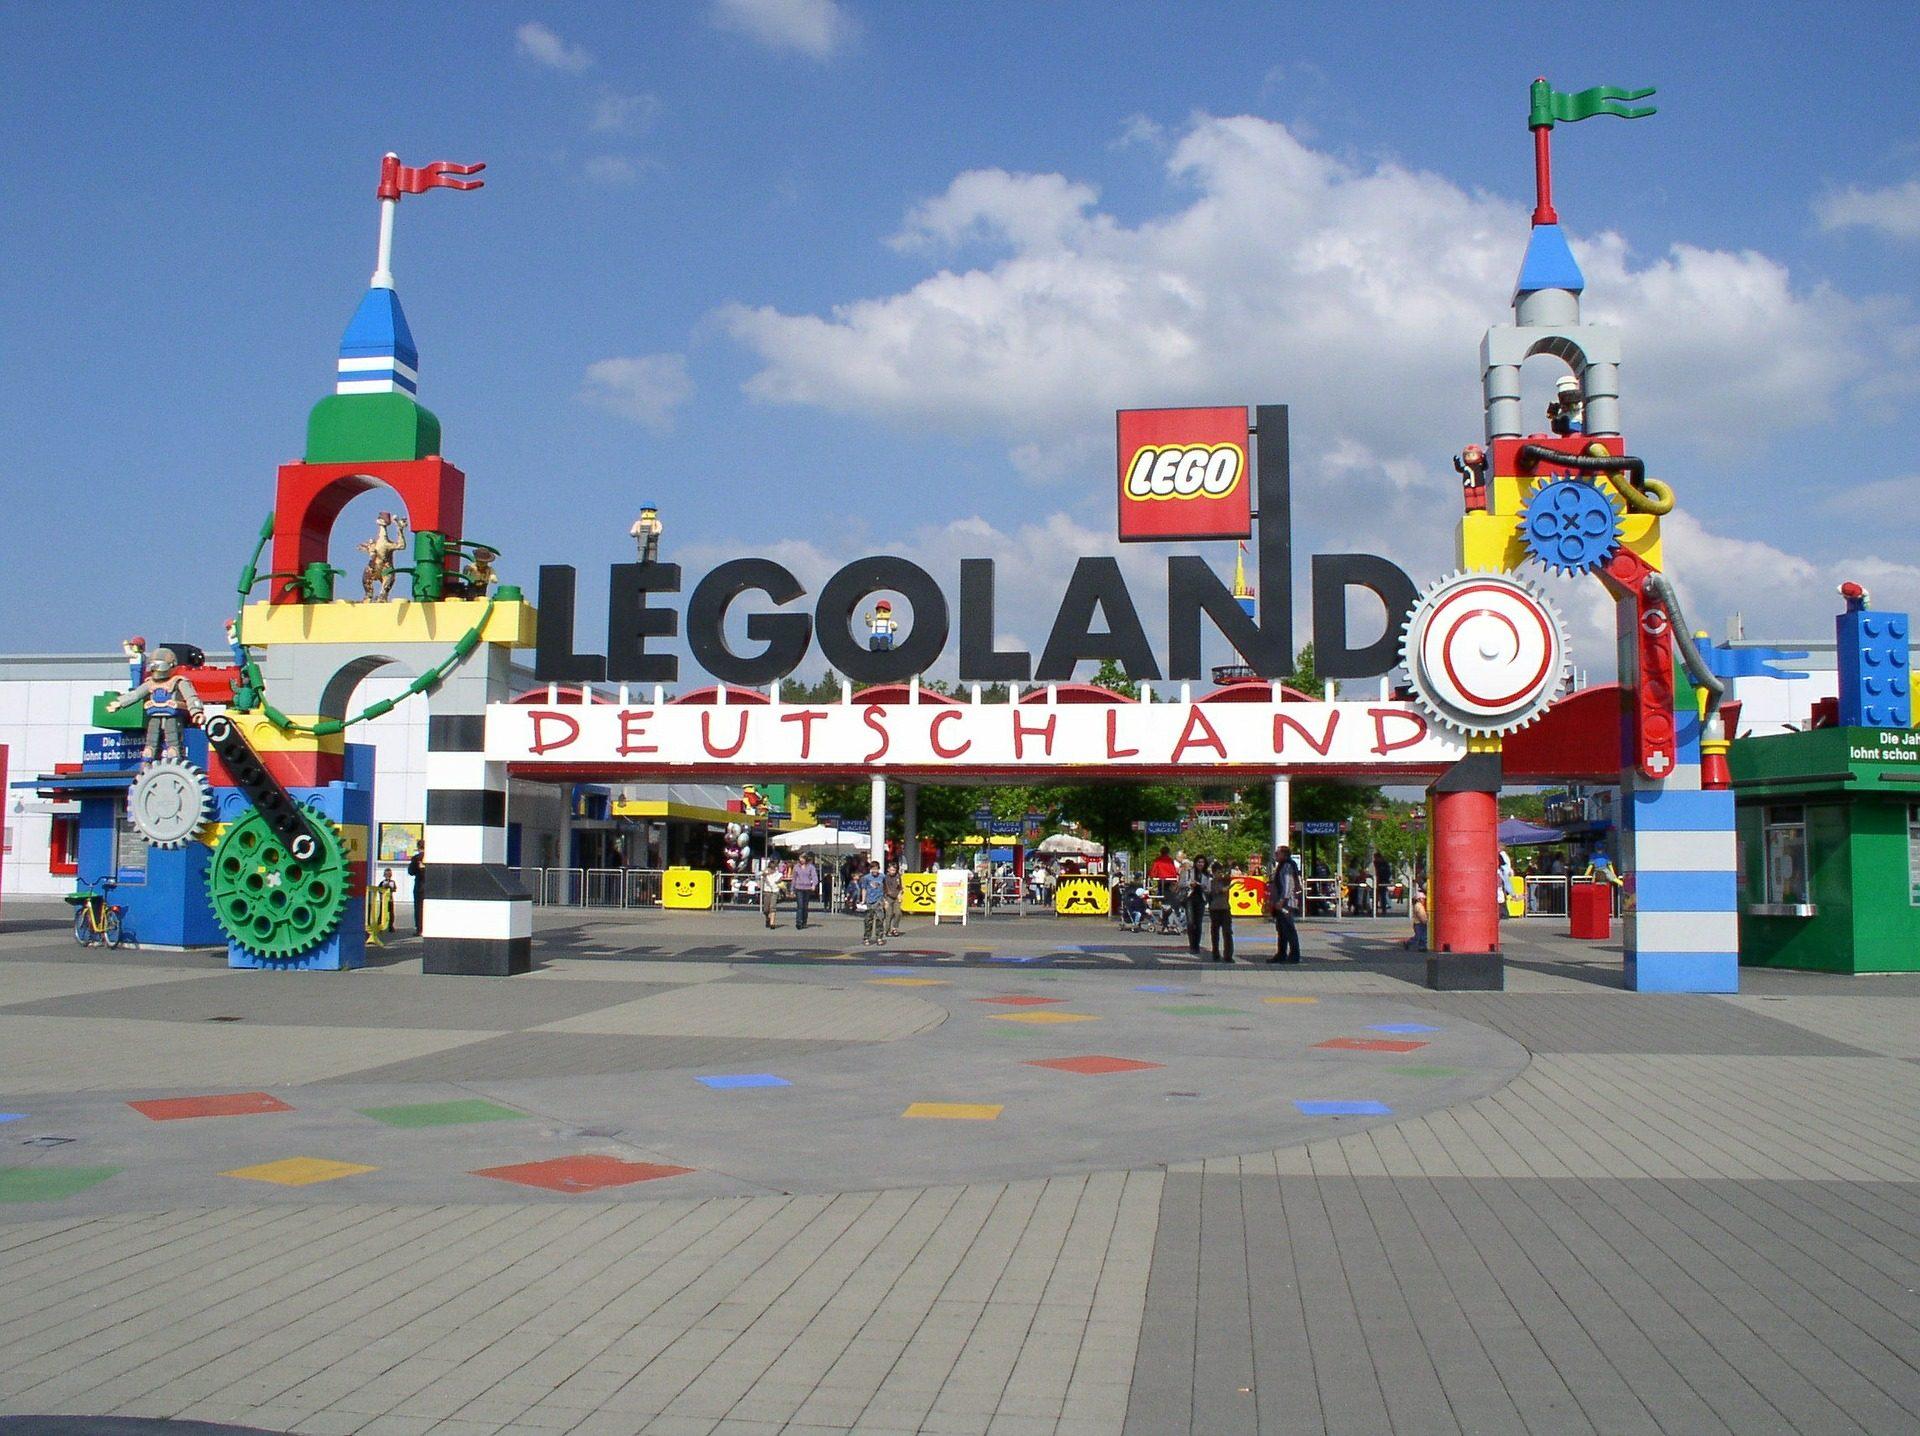 Jahreskarte für Legoland günstig ab 33,95€ - Oberhausens Freizeitspark 1